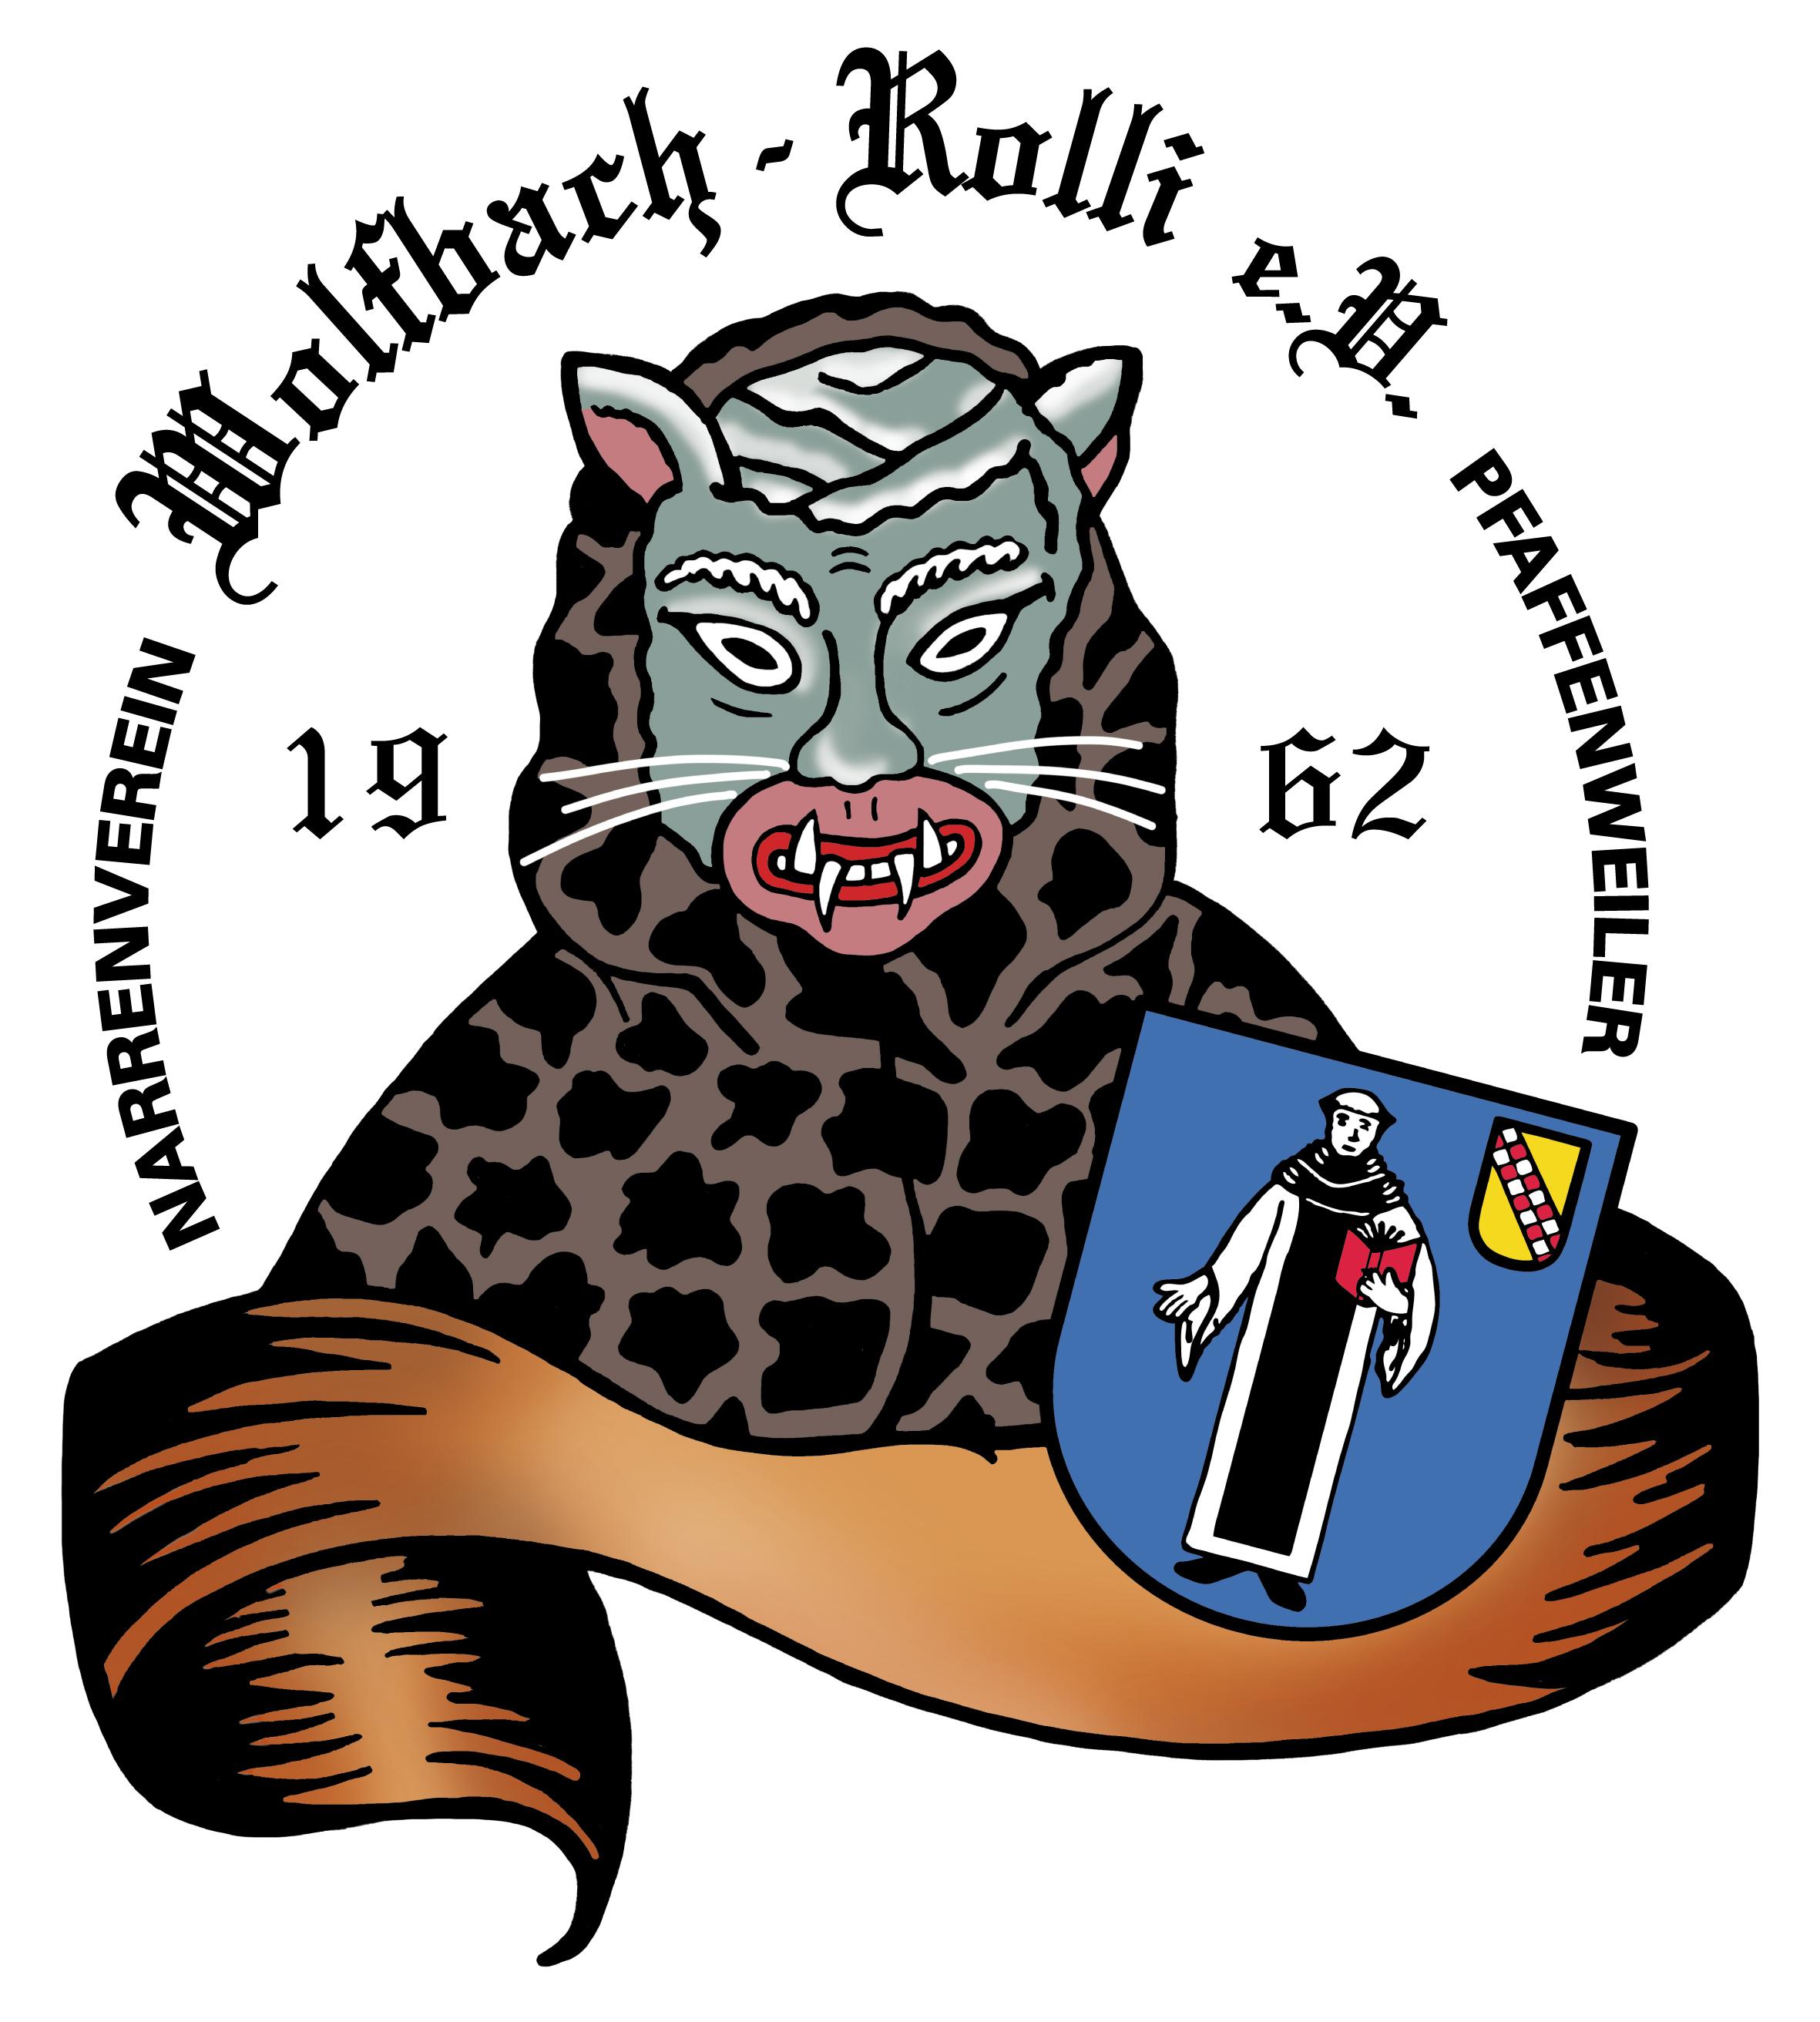 Narrenverein Wolfbach-Rolli e.V.